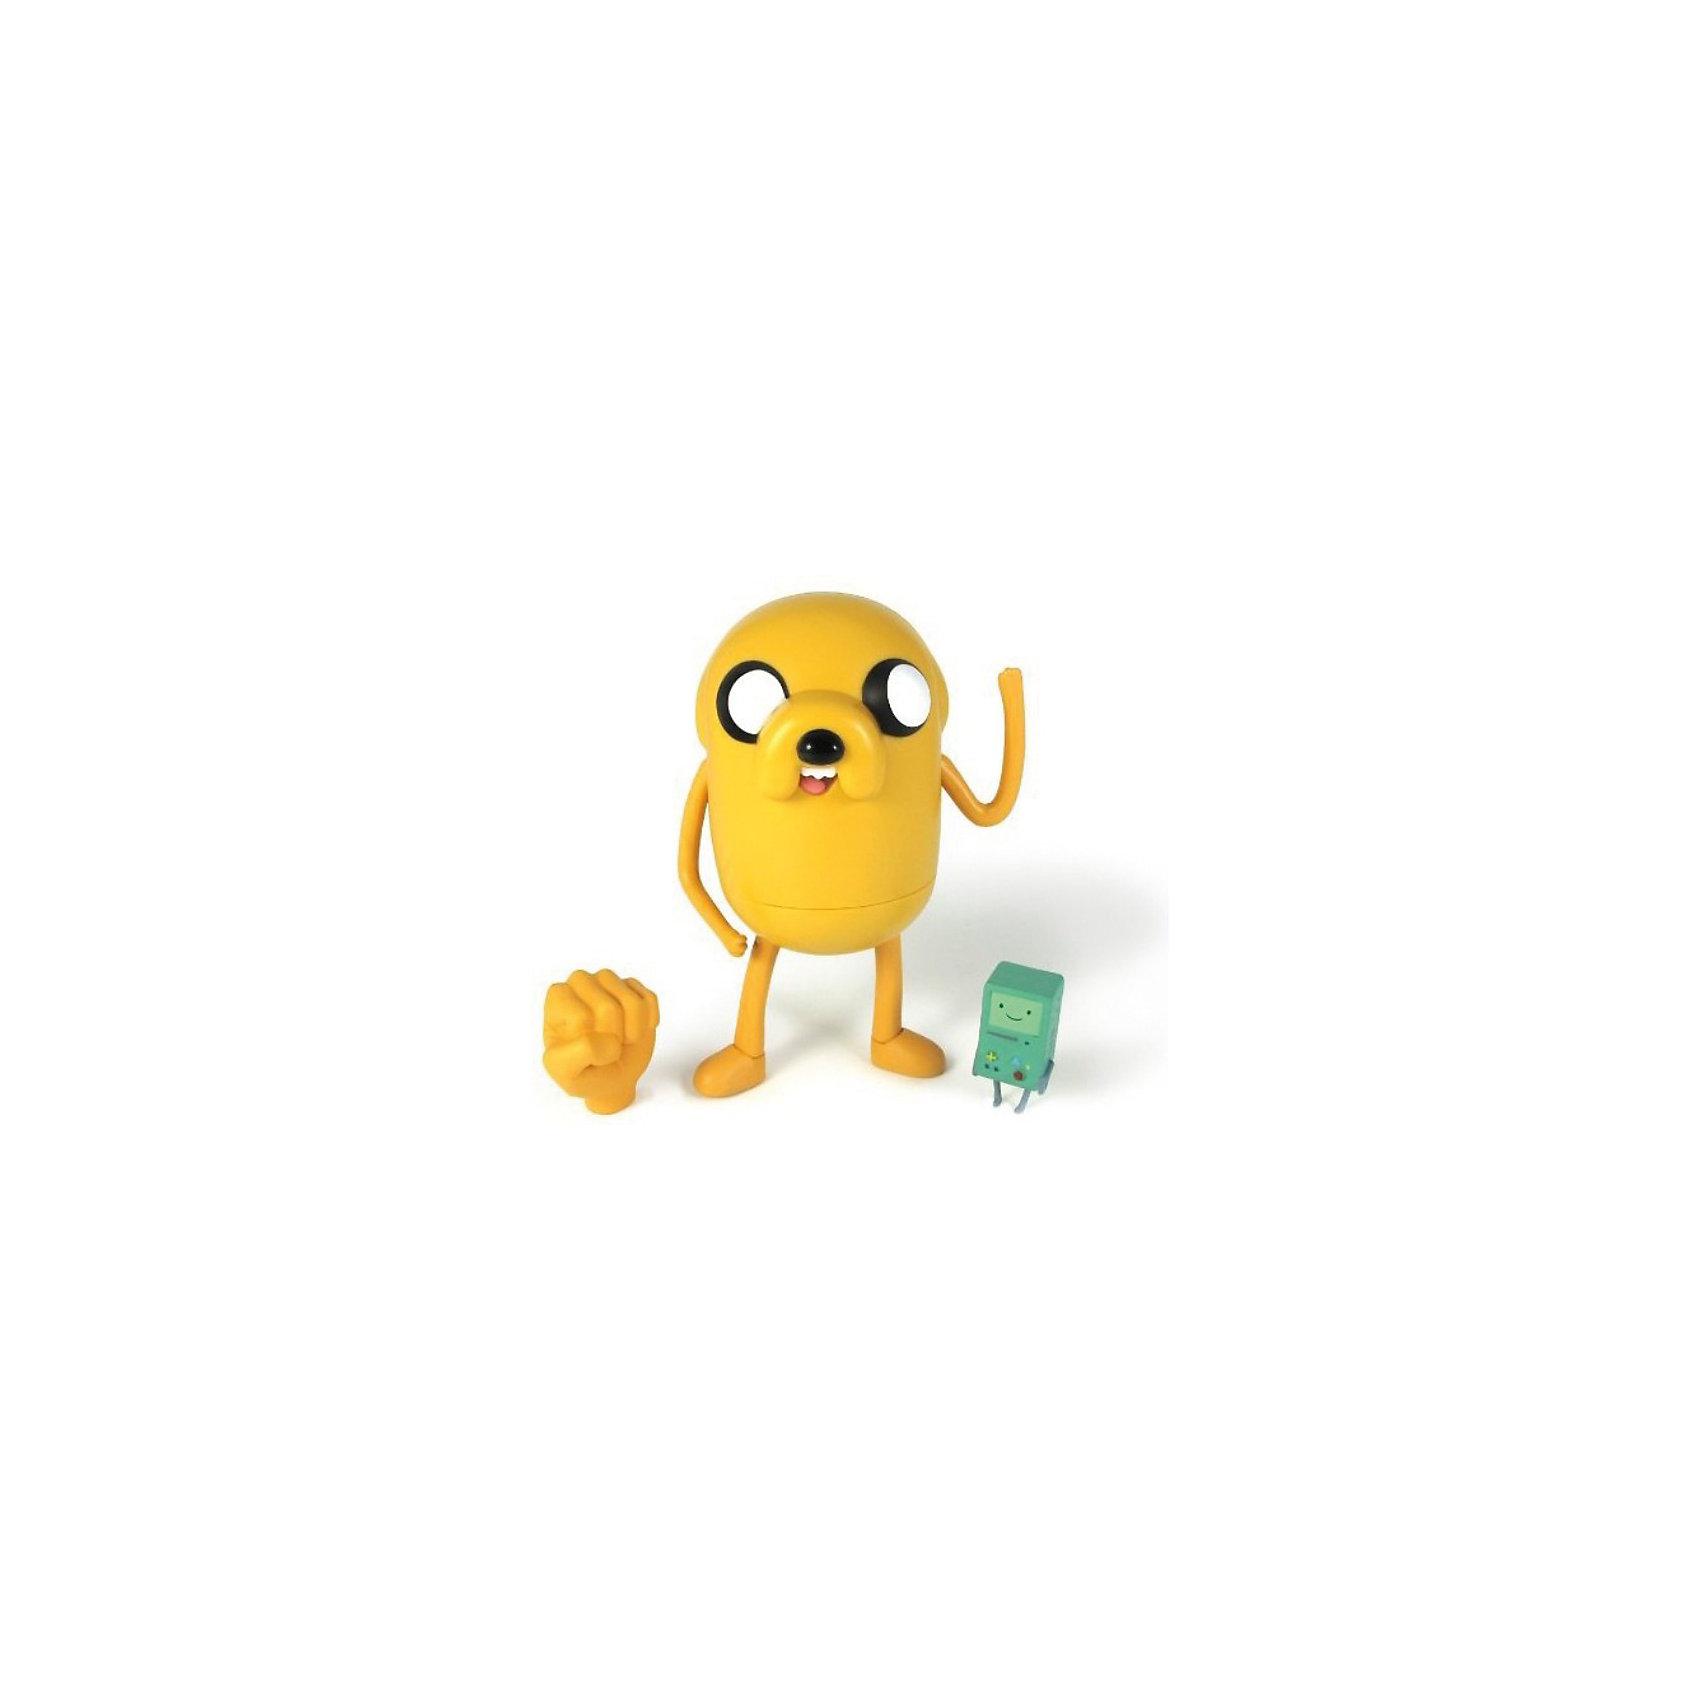 Фигурка Джейк, 14 см, Время приключенийЗабавная фигурка Джейка непременно понравится всем любителям мультсериала Время приключений (Adventure Time). Джейк - волшебный пёс, лучший друг Финна и его сводный брат. Он выглядит как жёлтый бульдог с большими глазами. Джейк умеет растягиваться и управлять своим телом, заставляя его принимать любую форму.<br><br>Дополнительная информация:<br><br>- Материал: пластик,.<br>- Размер упаковки: 8х18х25 см.<br>- Высота фигурки: 14 см. <br><br>Фигурку Джейка, 14 см, Время приключений, можно купить в нашем магазине.<br><br>Ширина мм: 80<br>Глубина мм: 180<br>Высота мм: 250<br>Вес г: 250<br>Возраст от месяцев: 48<br>Возраст до месяцев: 192<br>Пол: Унисекс<br>Возраст: Детский<br>SKU: 3841368